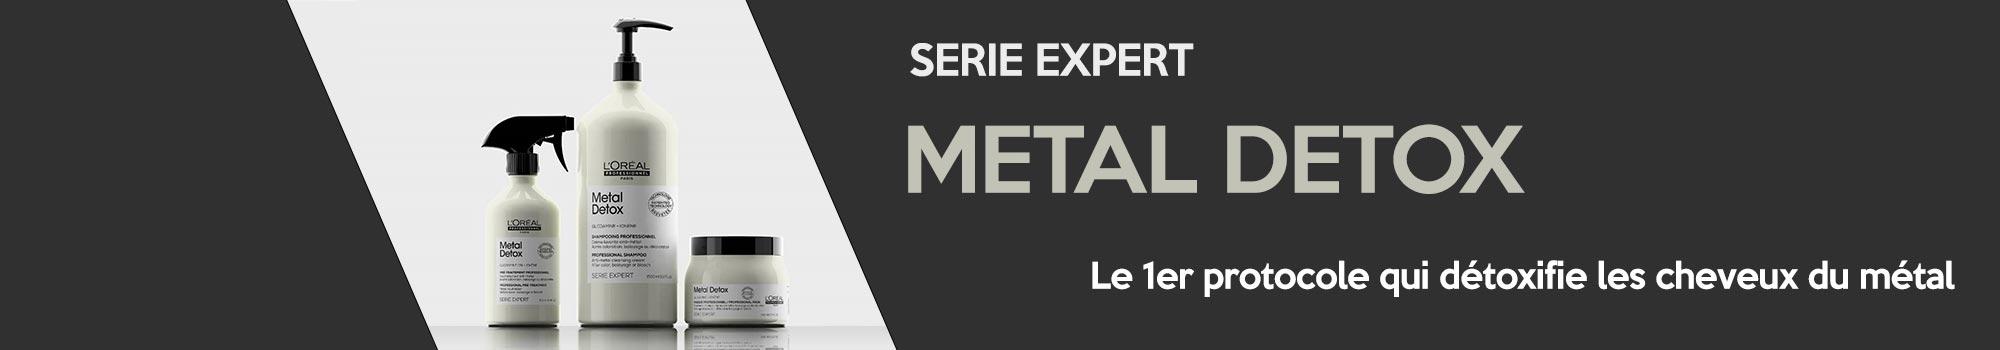 Gamme Metal Detox